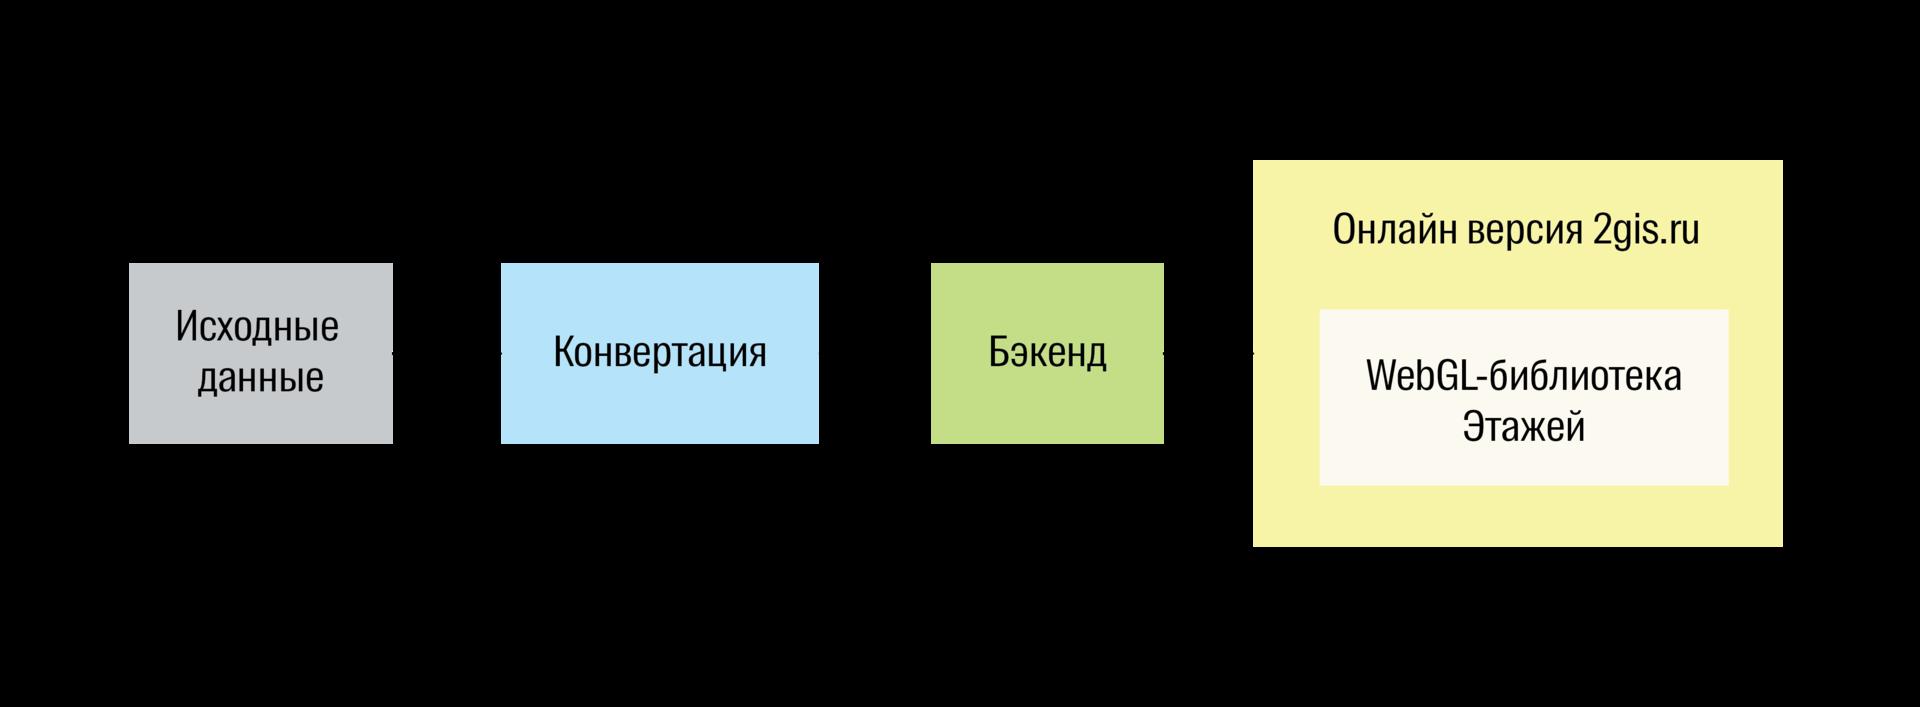 Этажи: 3D-навигация на WebGL в 2gis.ru - 2